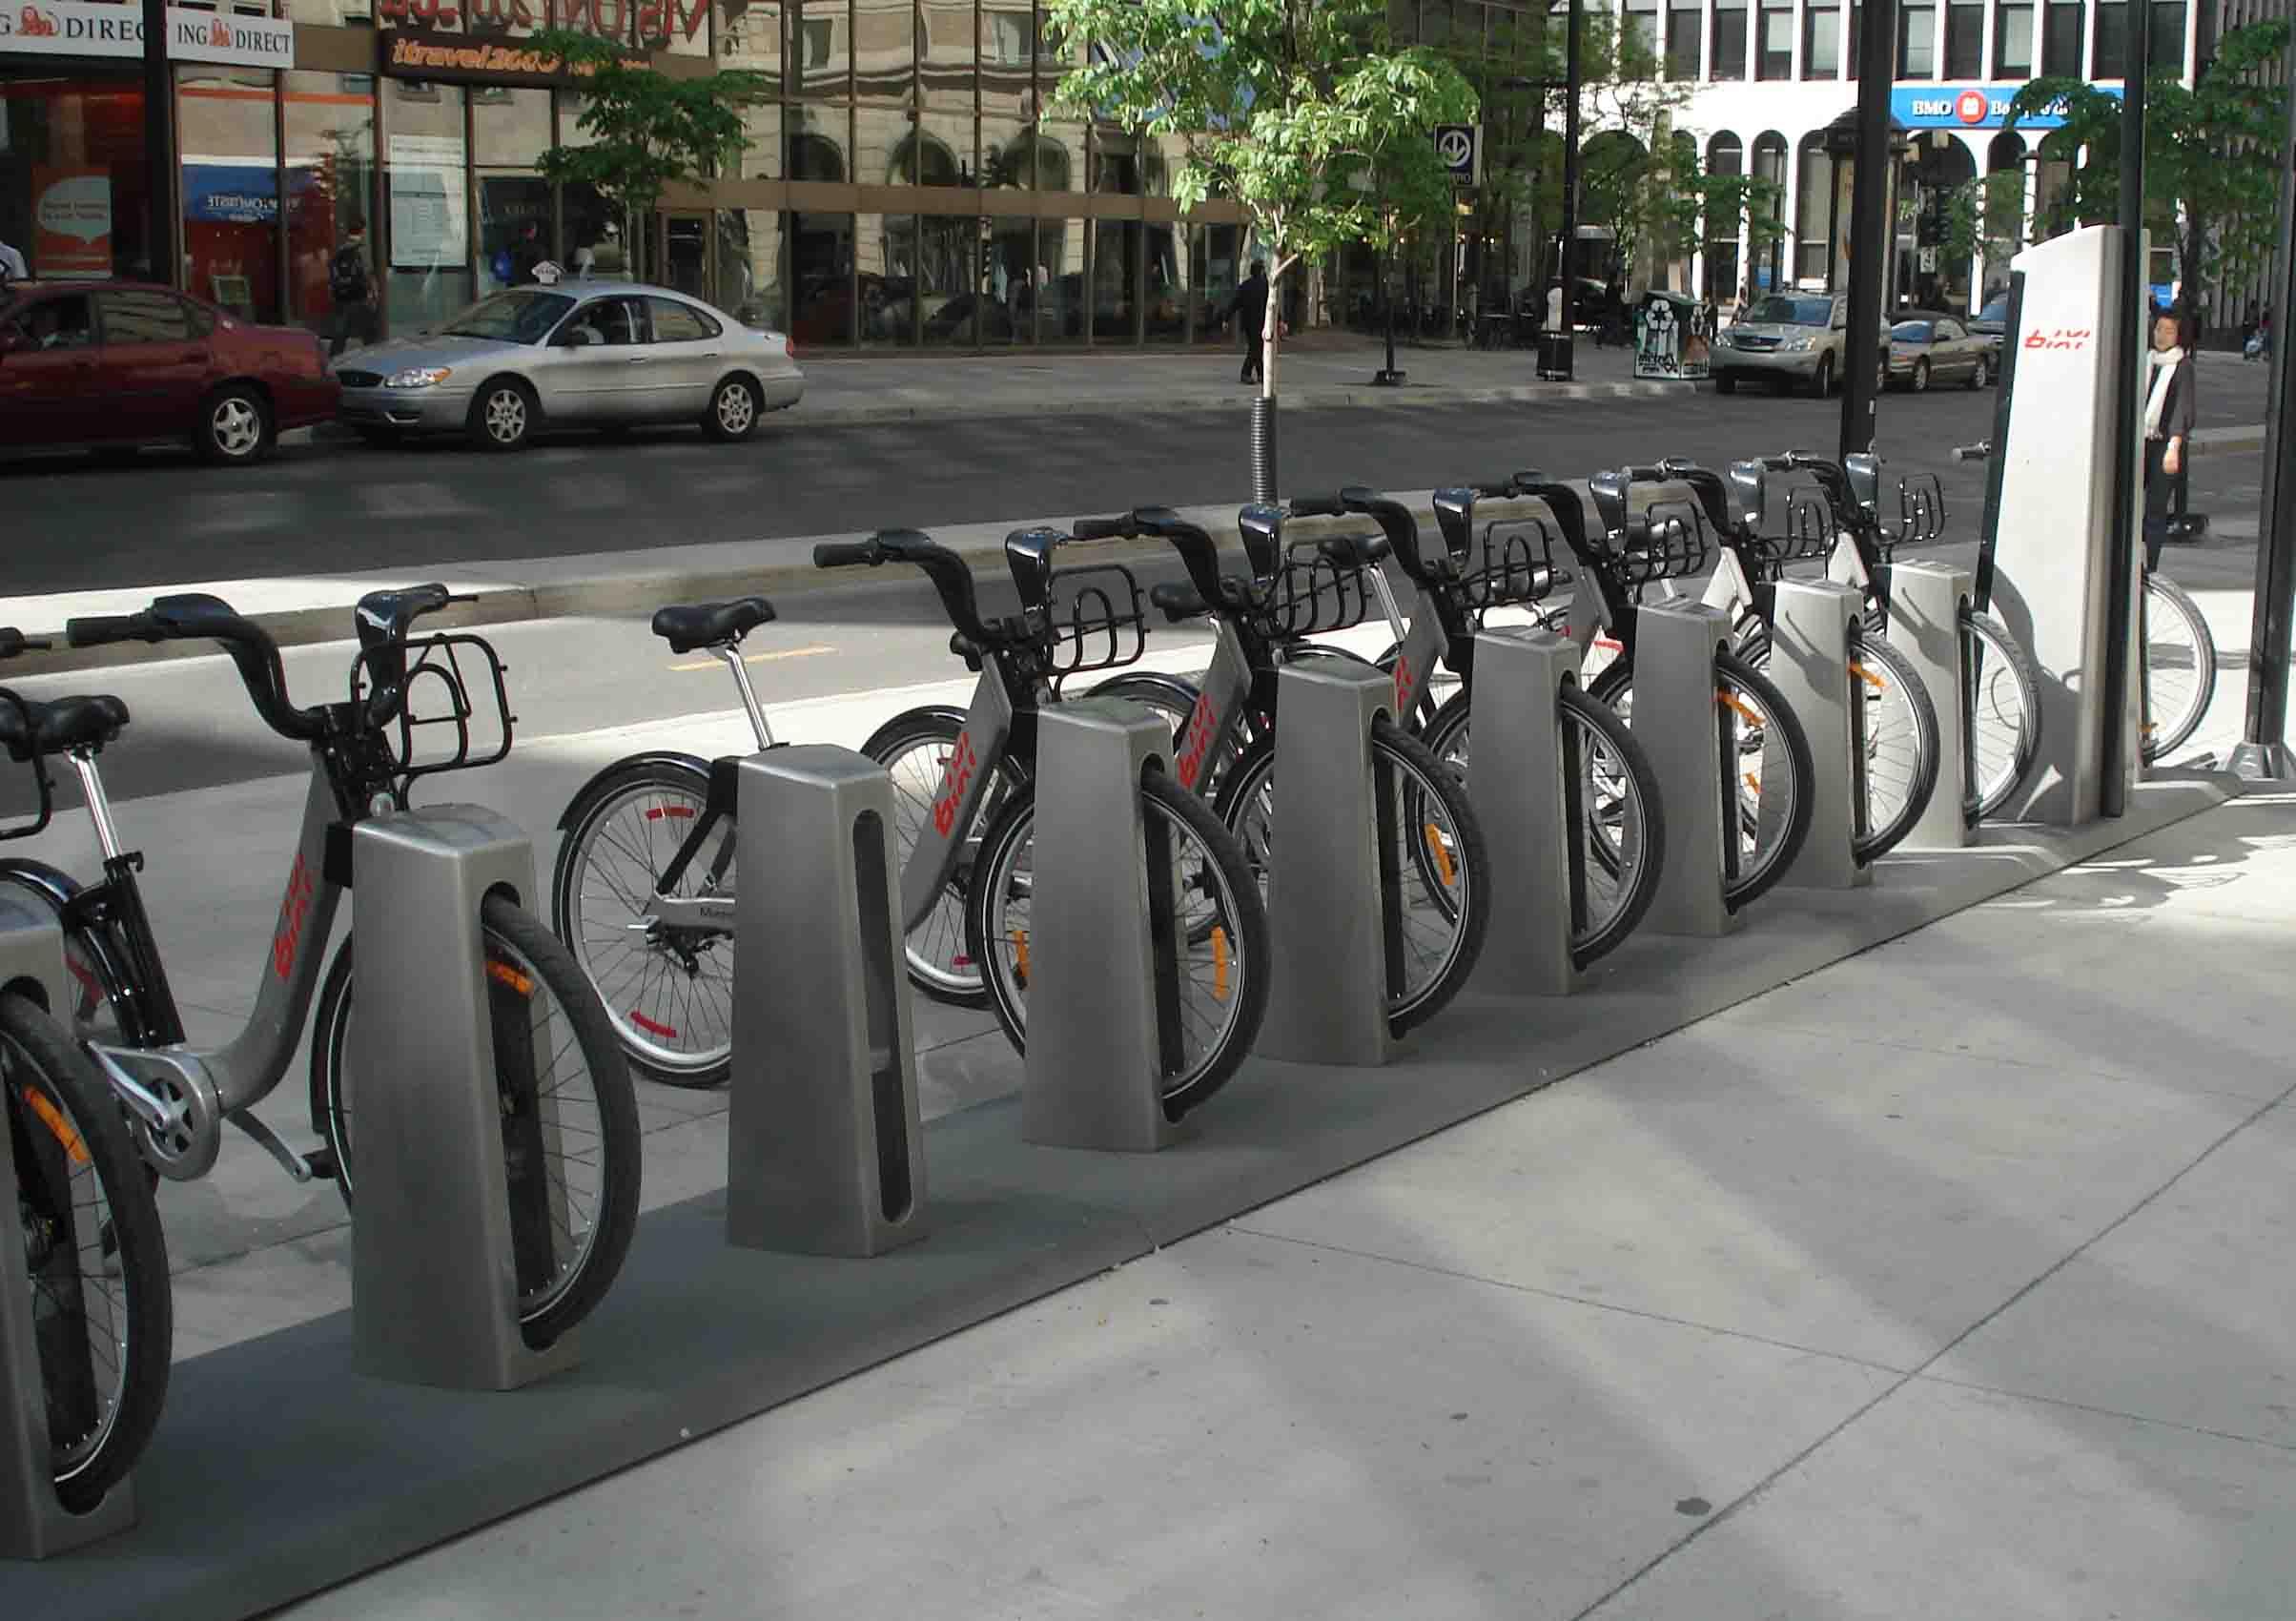 شهرداري لندن ايستگاه هاي دوچرخه در اين شهر تاسيس کرد